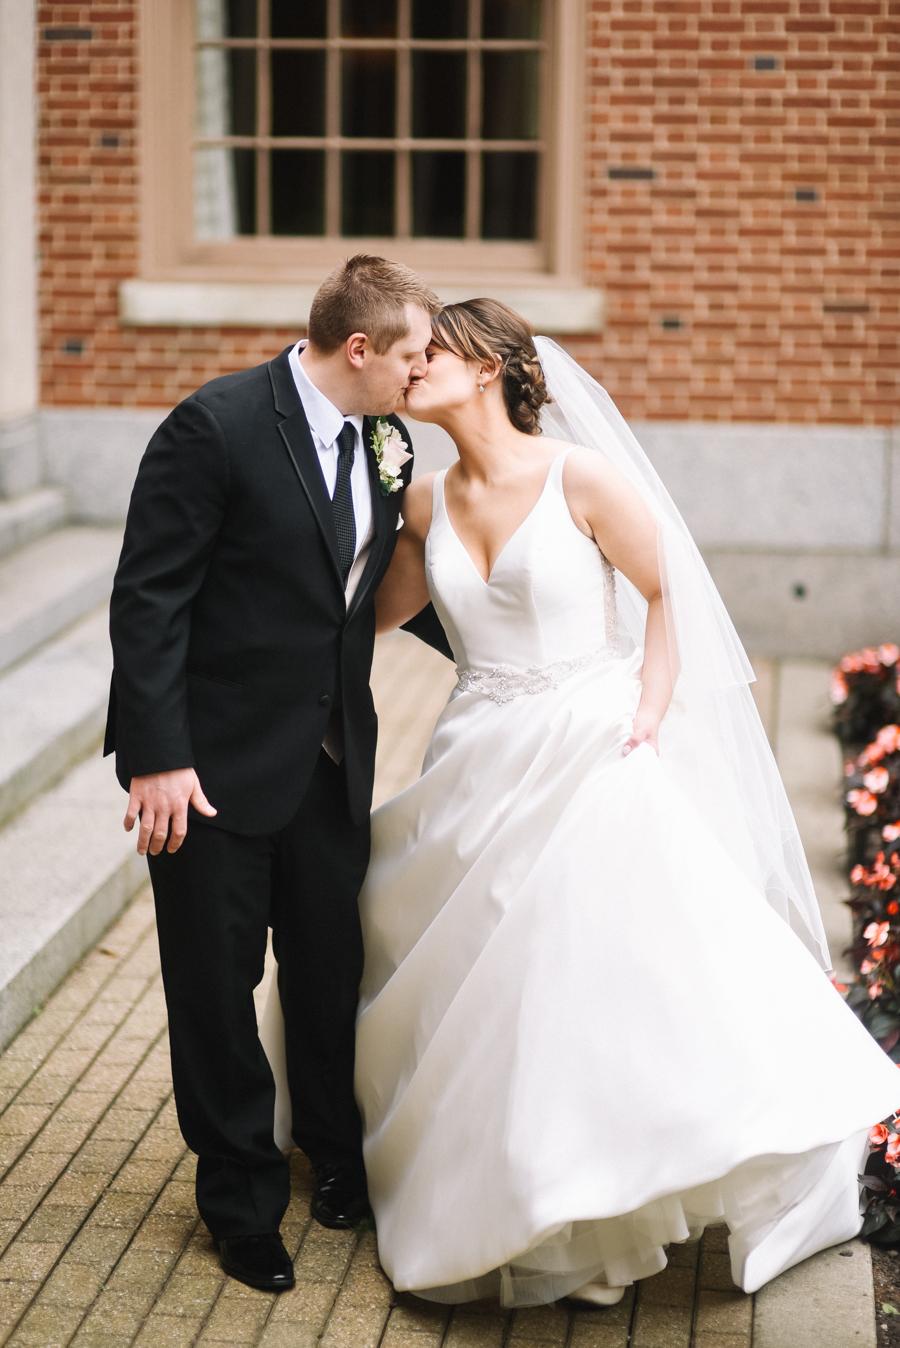 Dearborn_Inn_Wedding_Photos-61.jpg